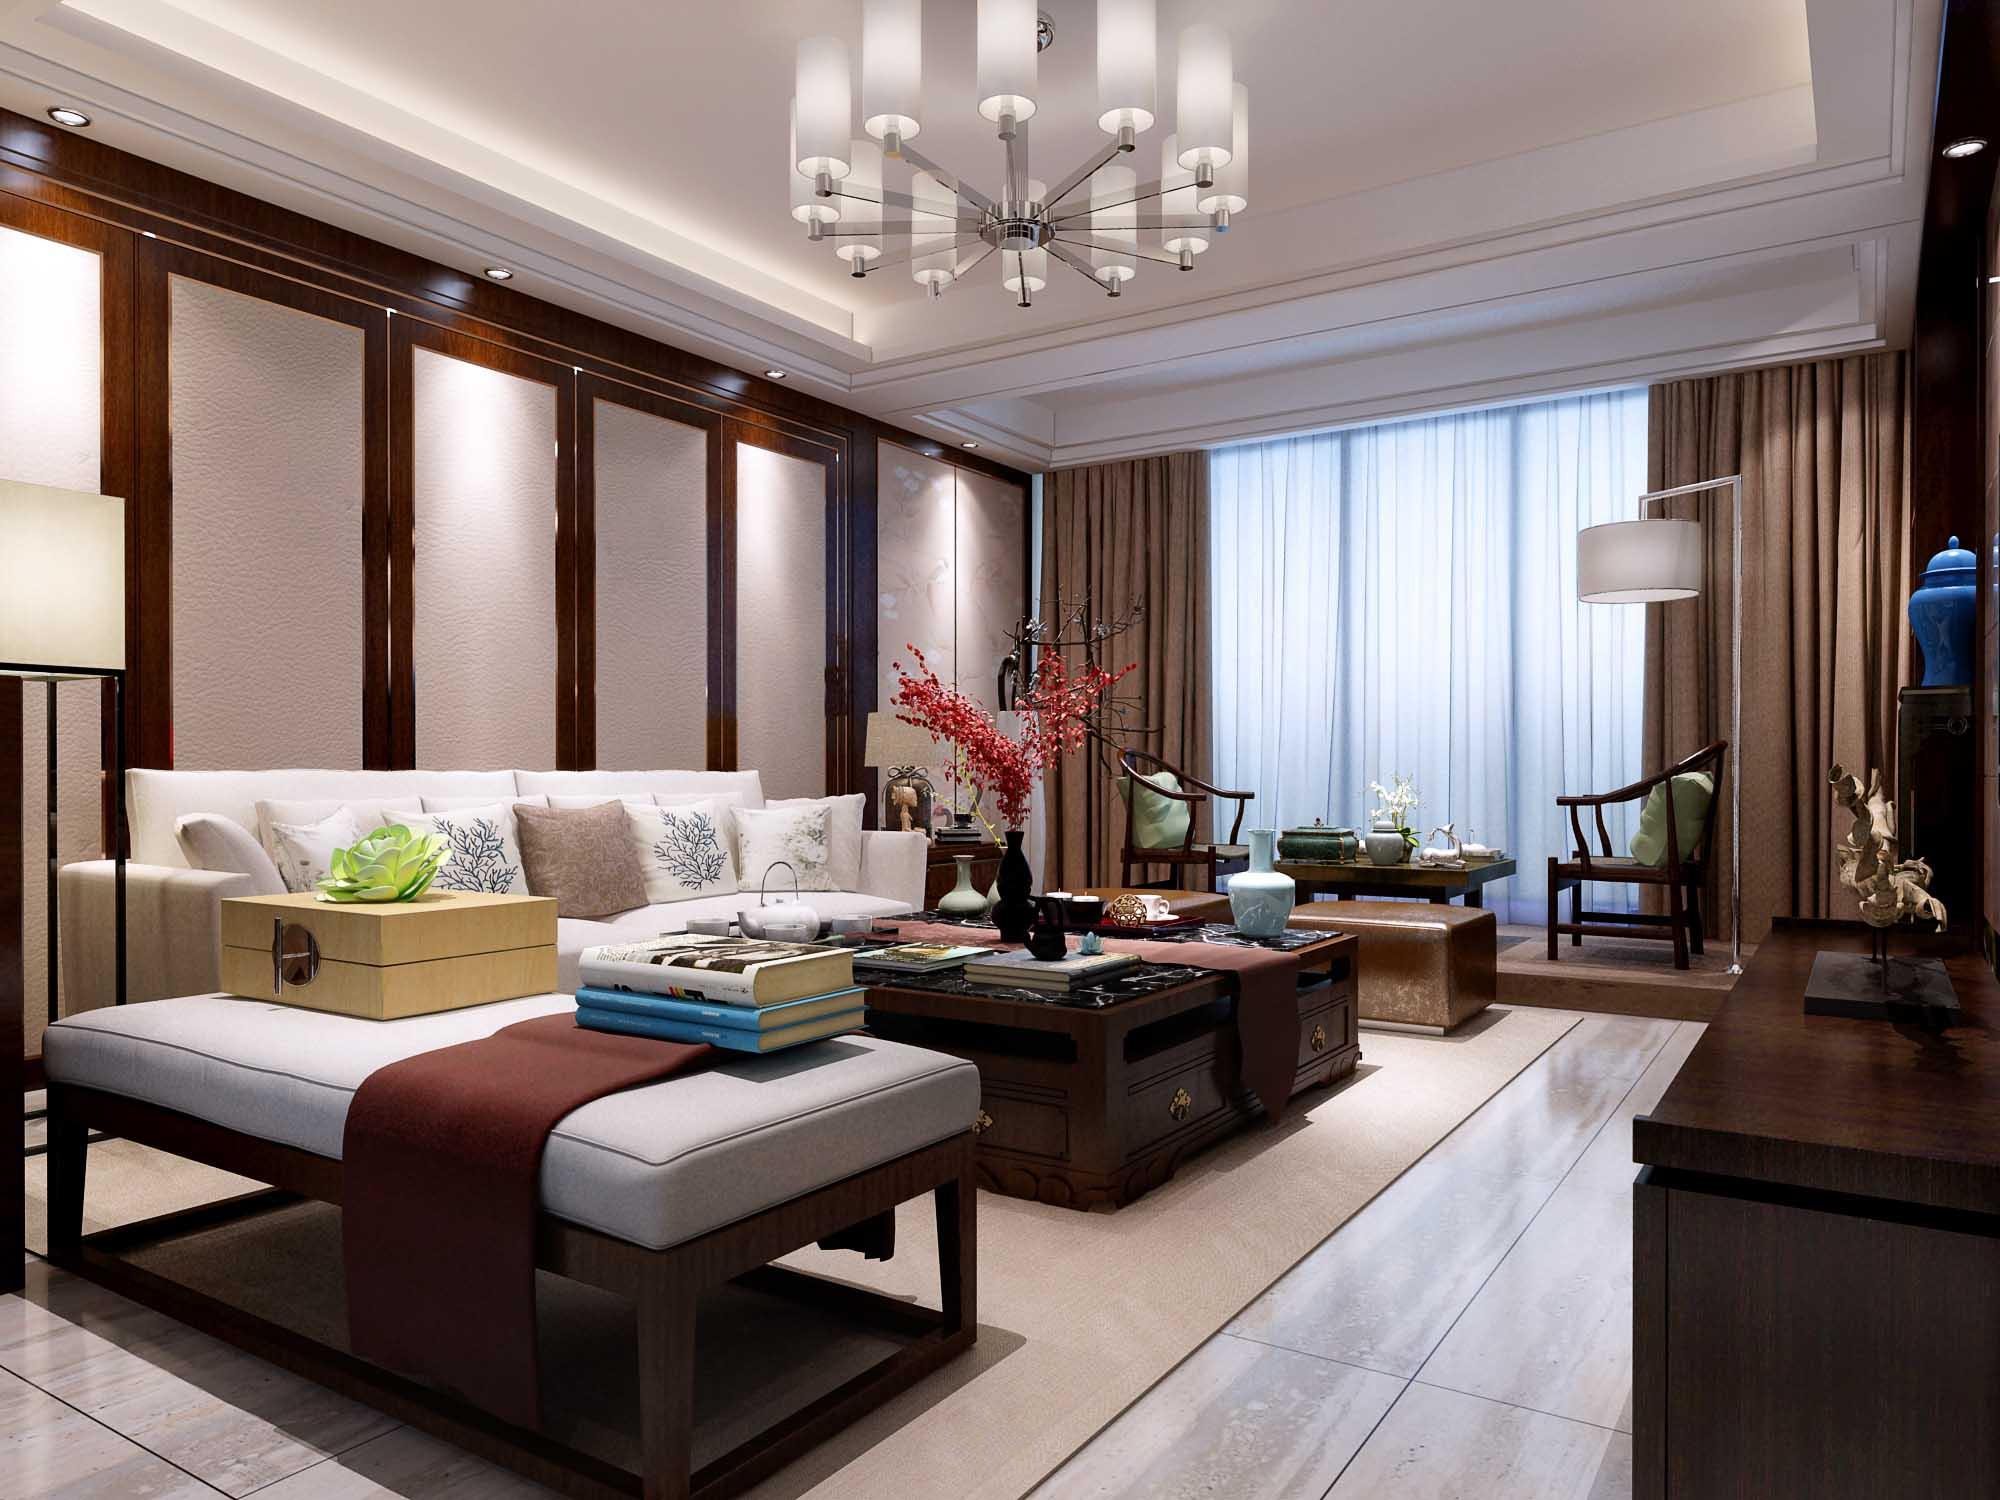 三居 中式 客厅图片来自链连妞妞在景和园的分享